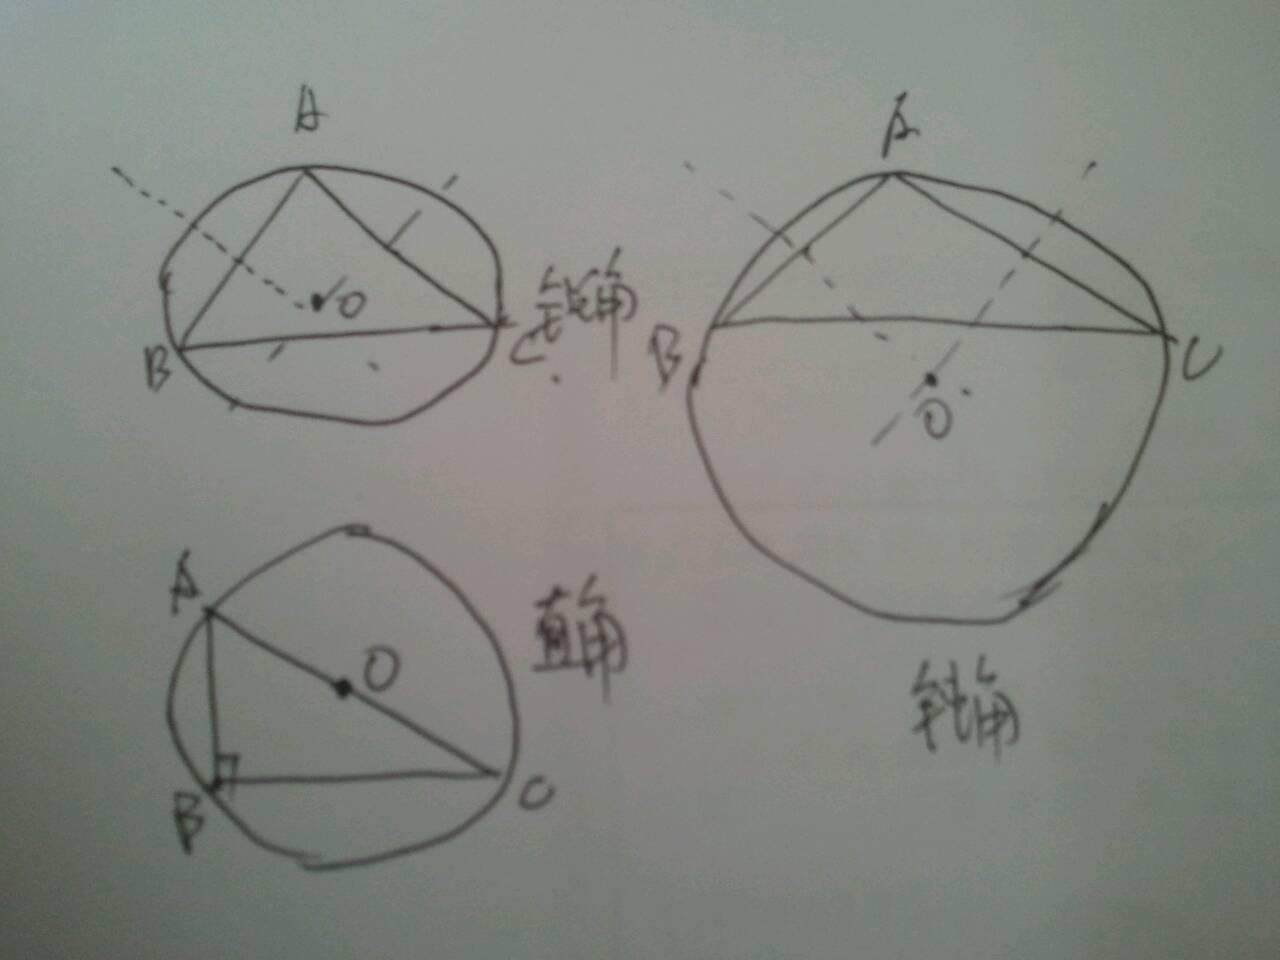 画出锐角,钝角,直角三角形的三条高.图,一定要给图图片